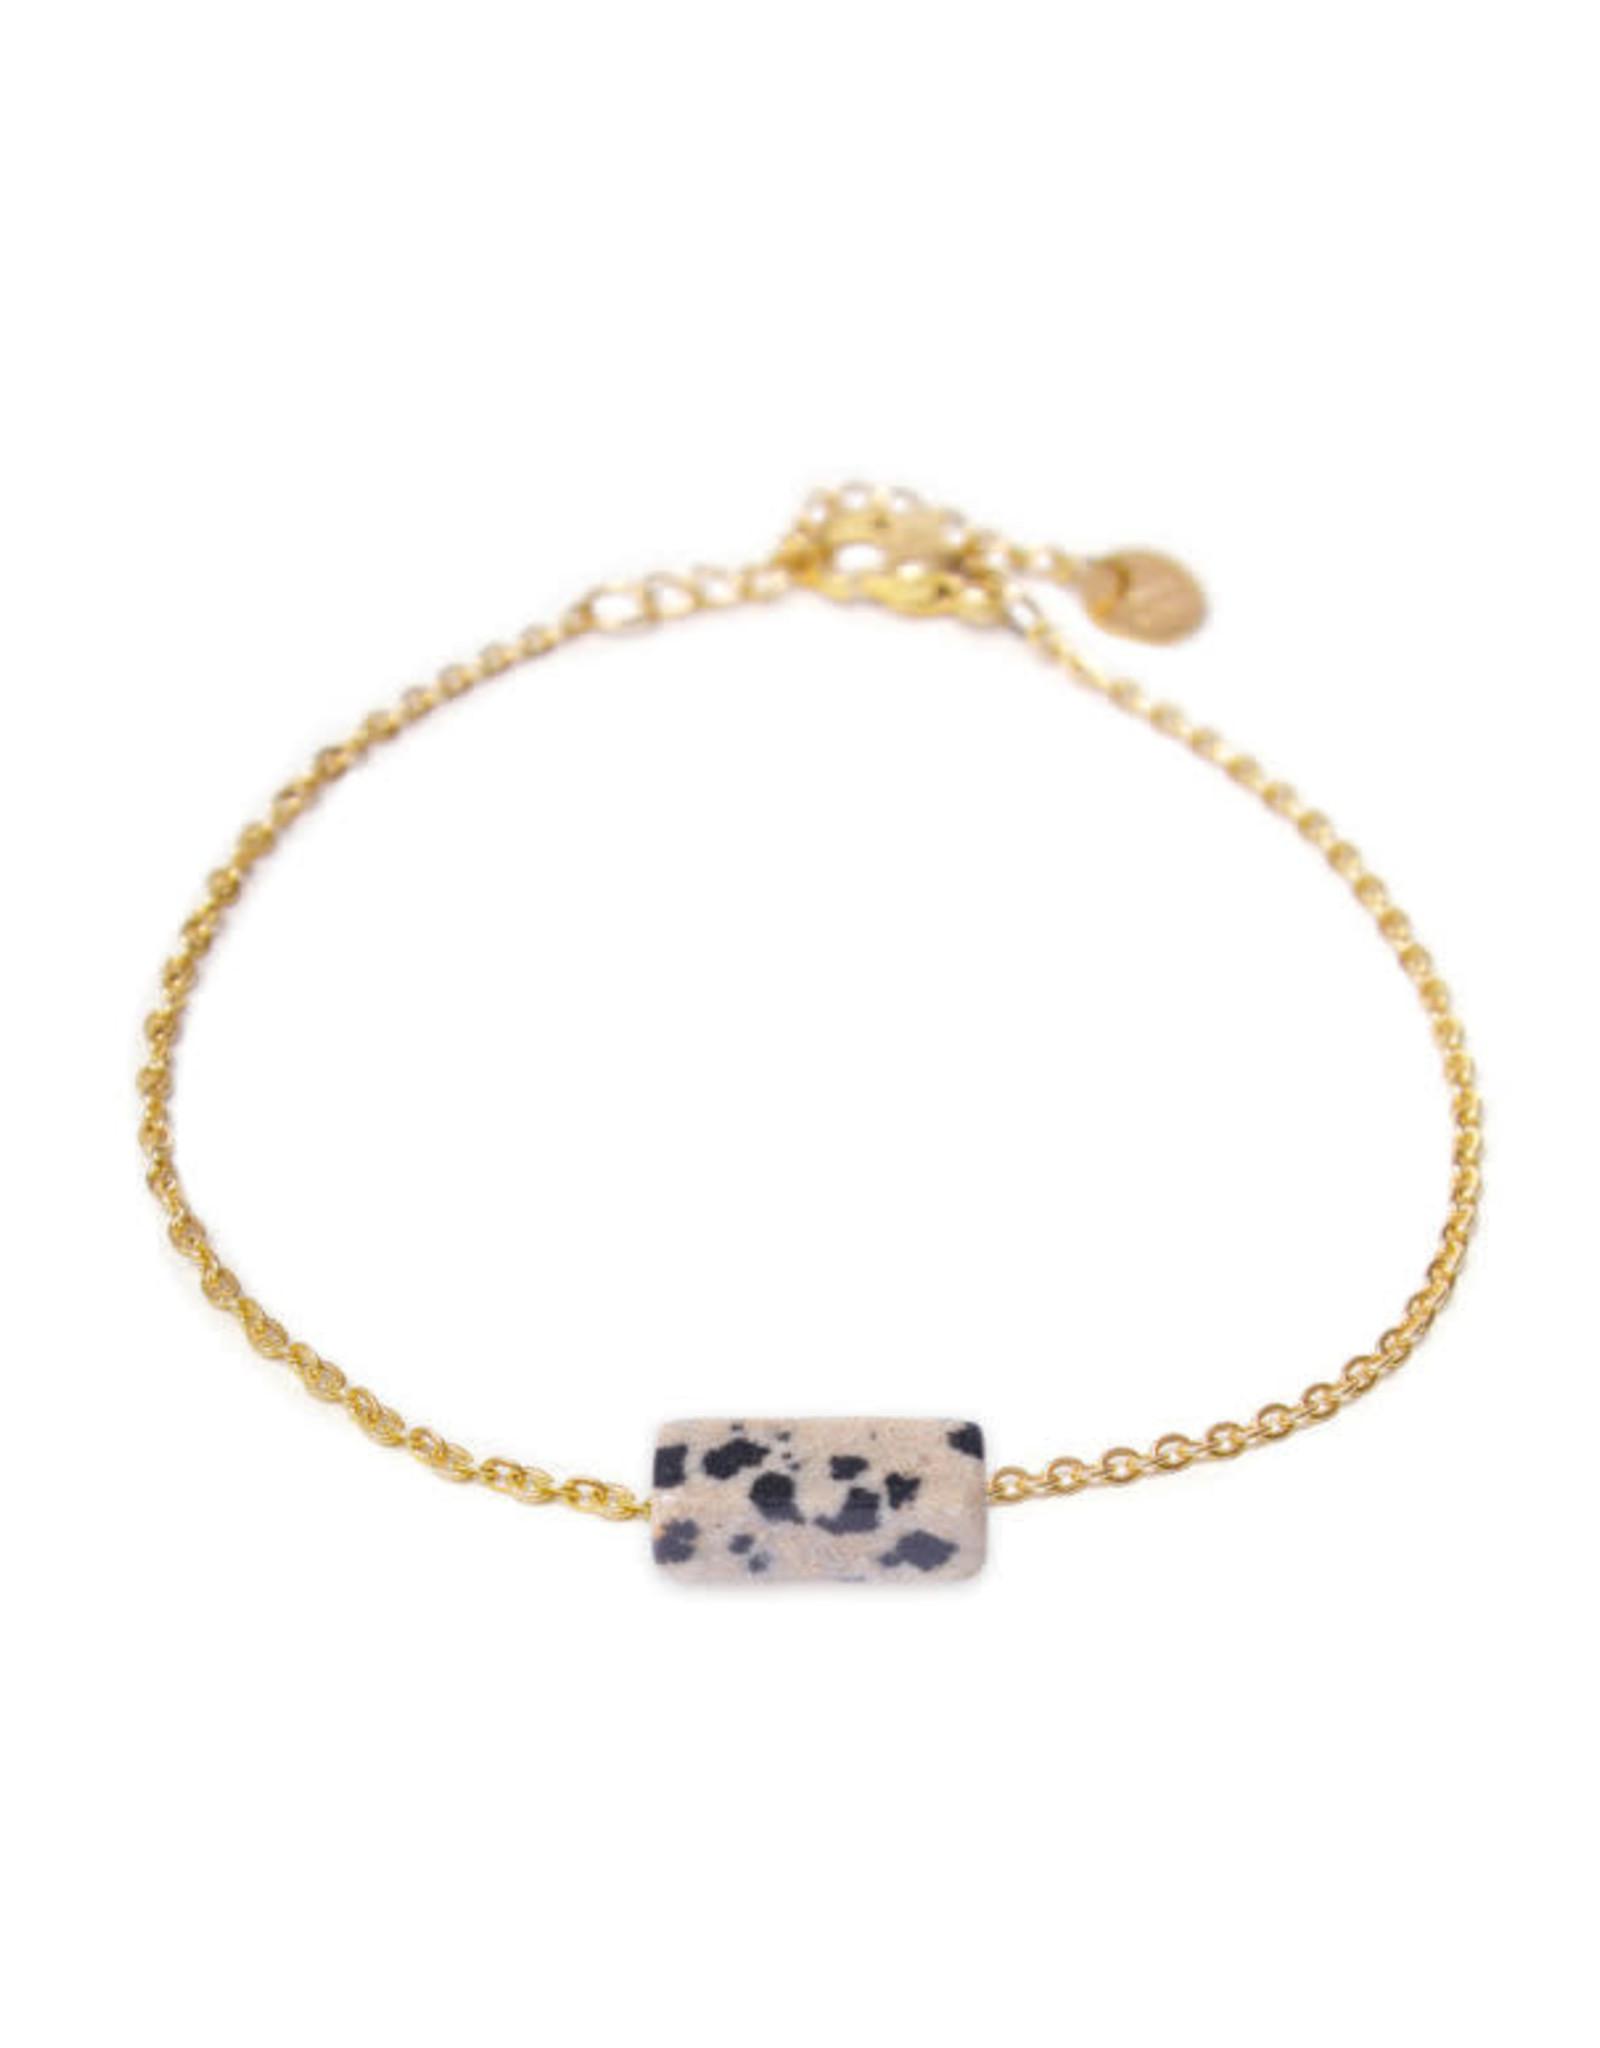 Label kiki label kiki bracelet dalmatian jasper gold